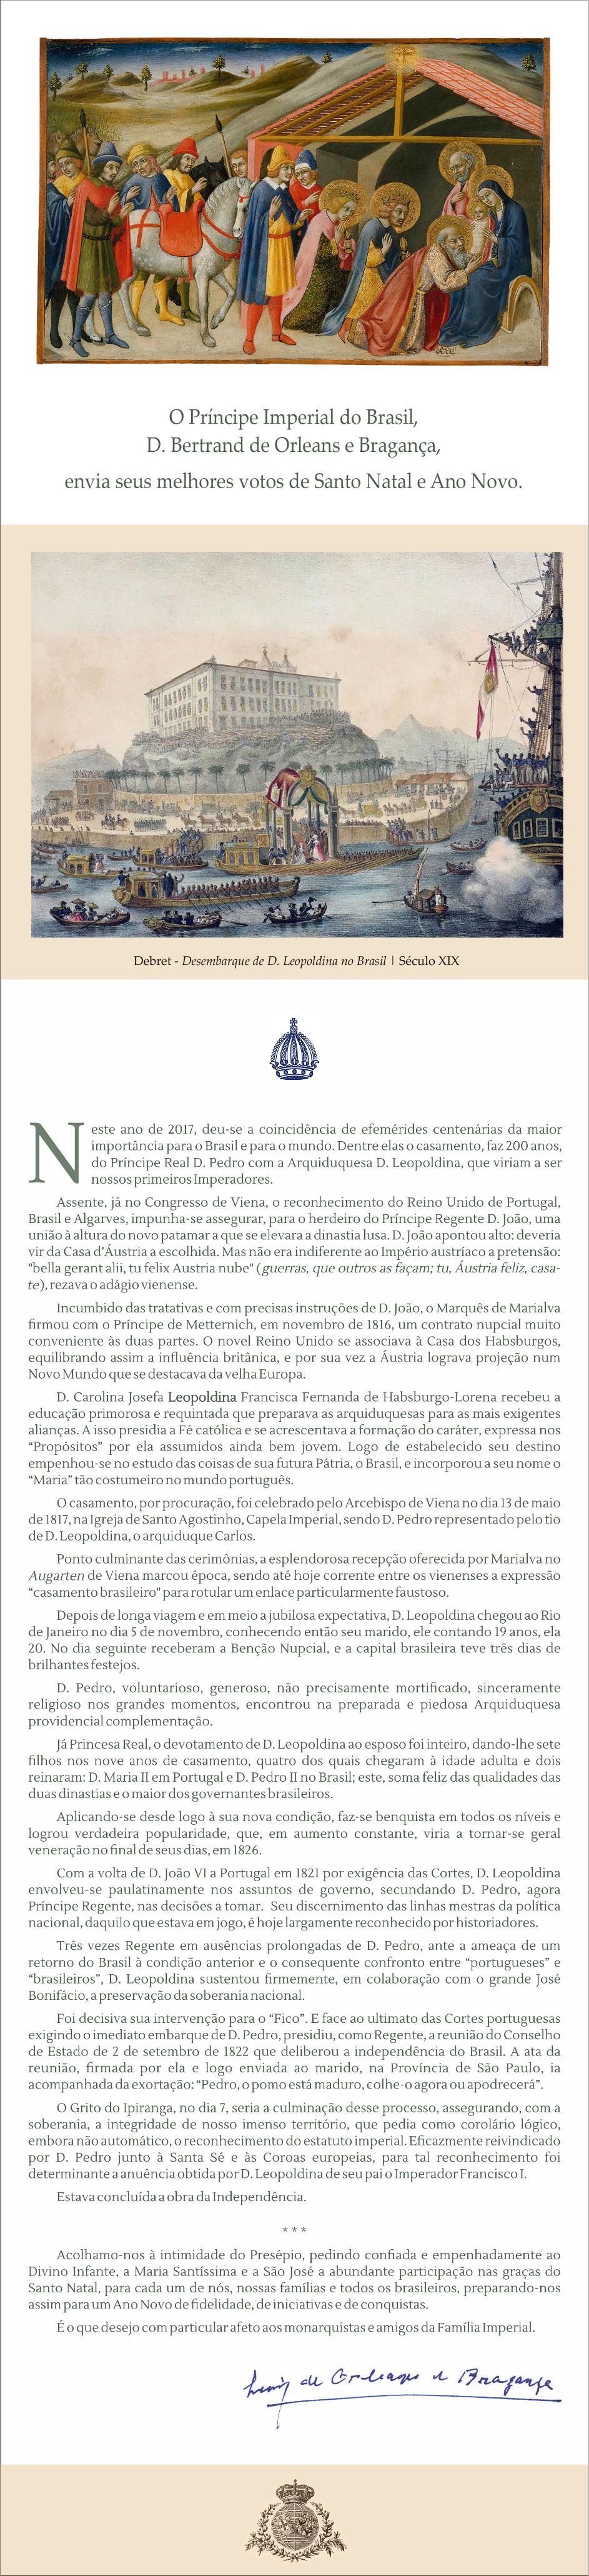 Cartão de Natal de S.A.I.R. o Príncipe Dom Luiz de Orleans e Bragança